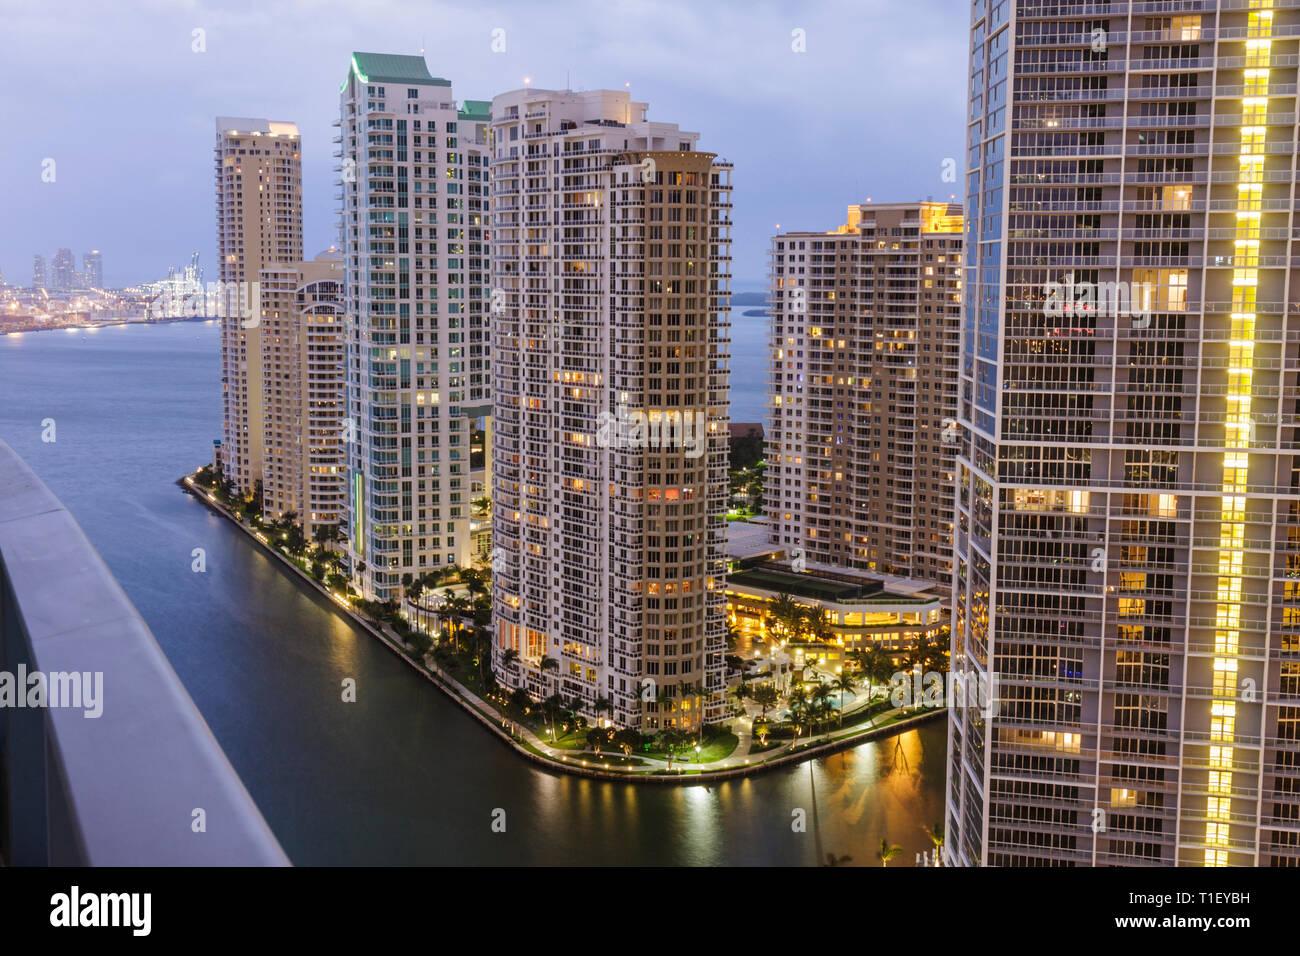 Miami Florida, Brickell Key, vista desde Epic, hoteles, edificios, horizonte de la ciudad, condominios, rascacielos, edificios altos rascacielos rascacielos Foto de stock